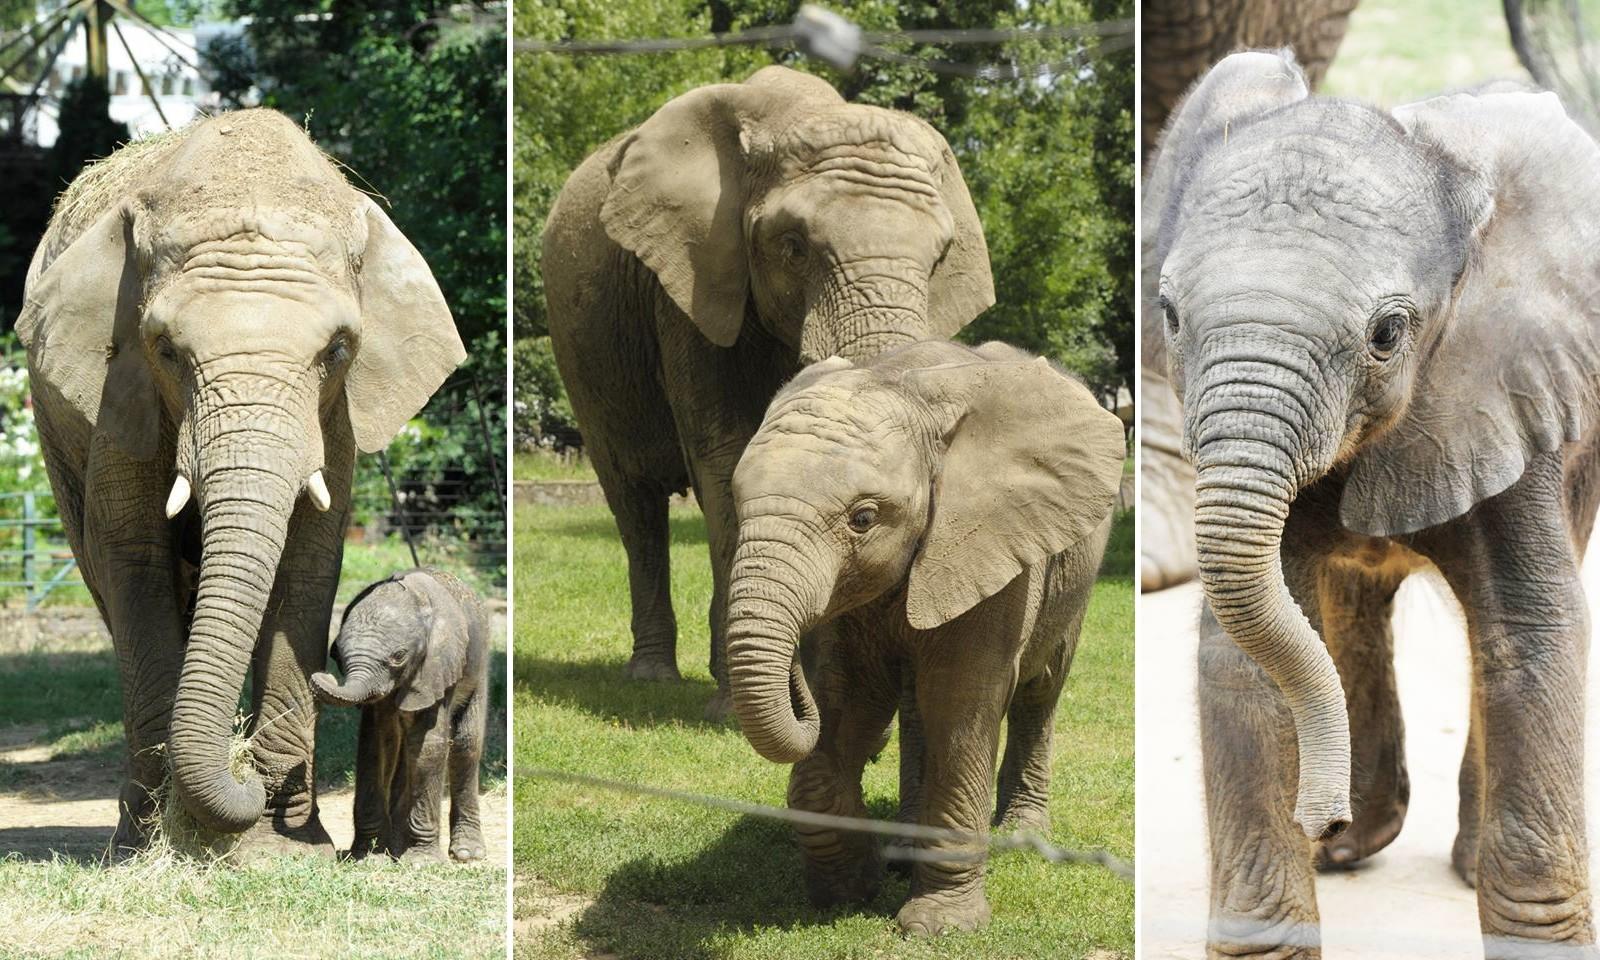 Egy éves lett Kito, a nyíregyházi elefántbébi